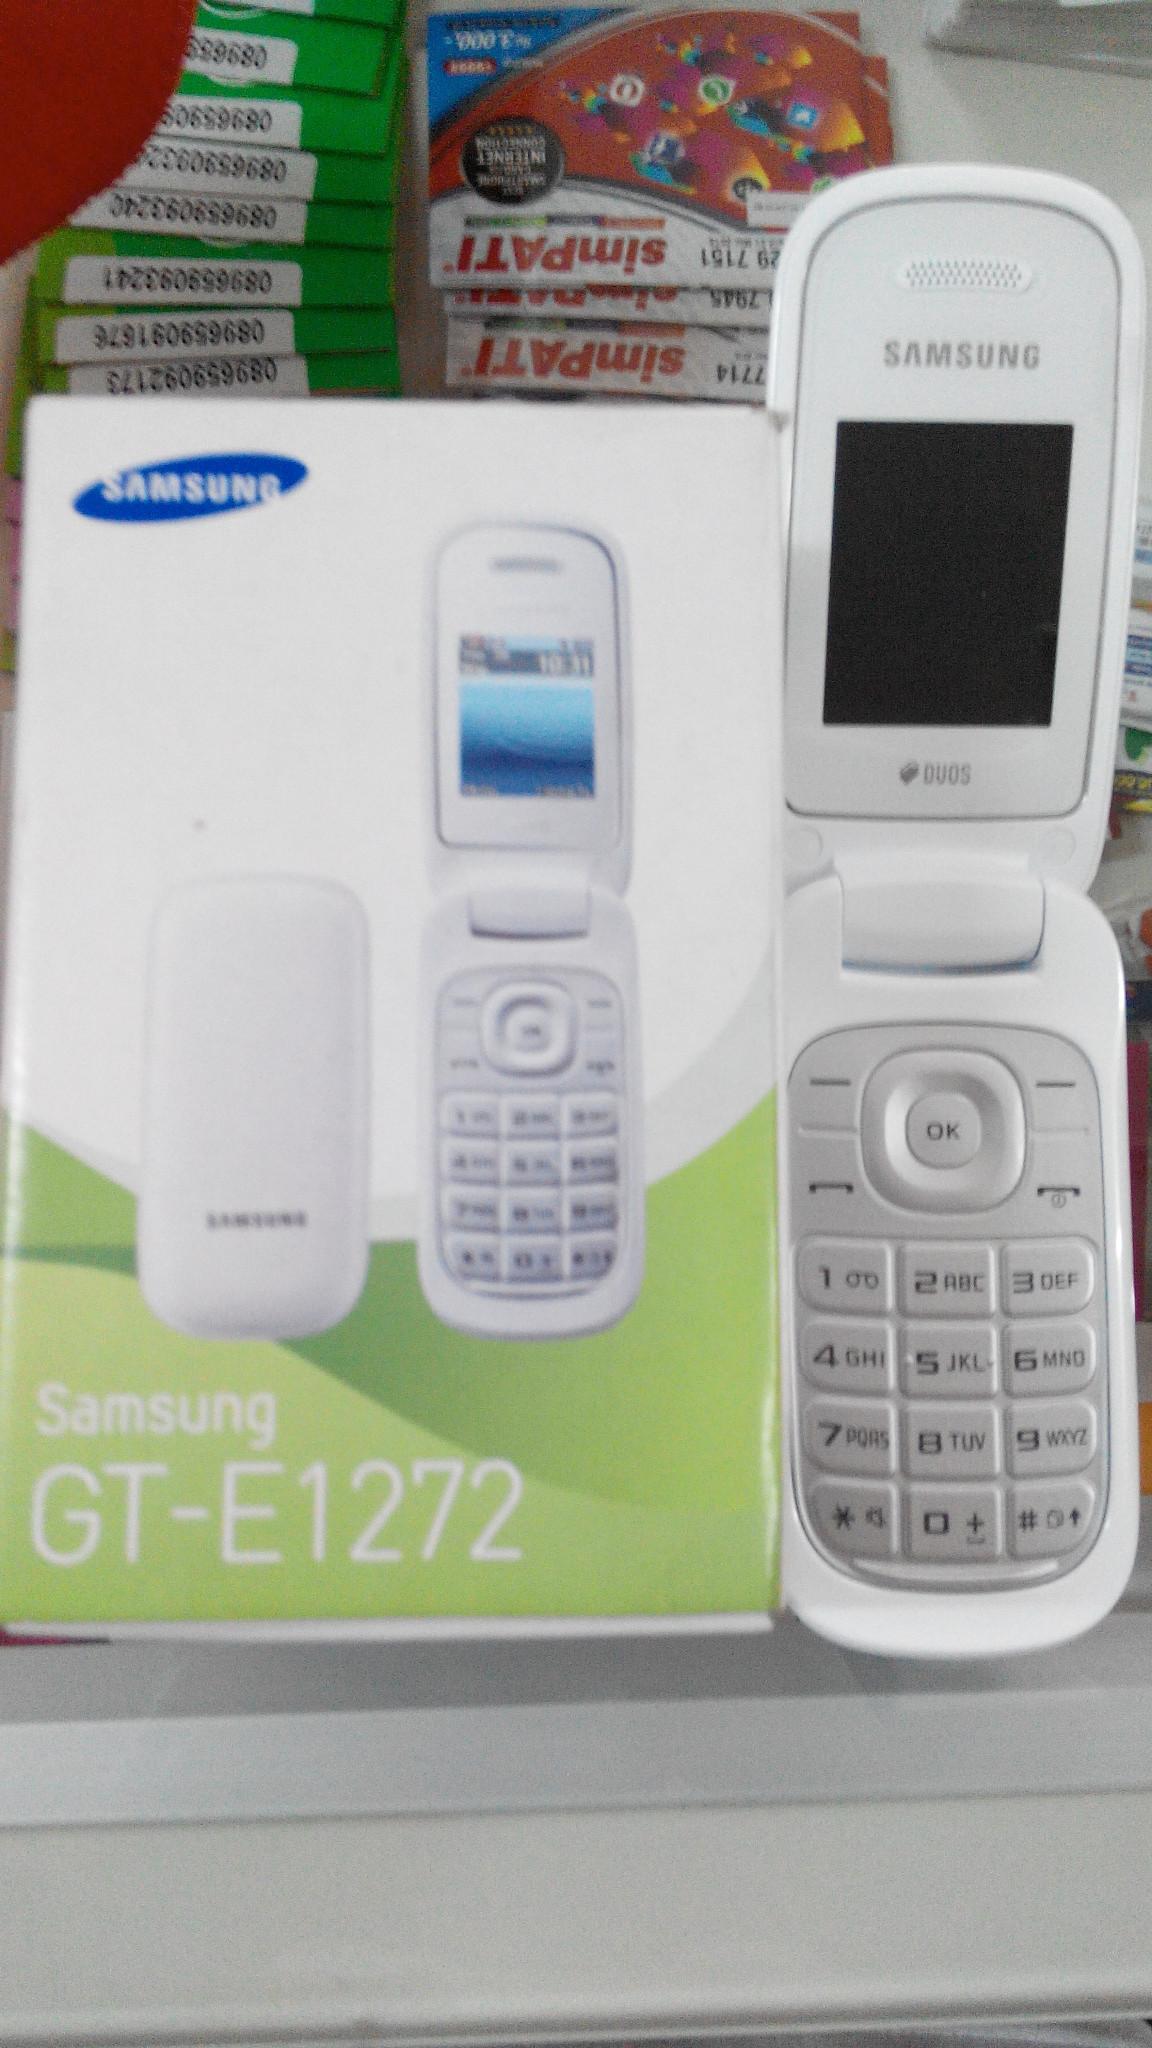 Jual Samsung Caramel E 1272 Garansi Resmi Indonesia Gt E1272 Adijaya Shop Tokopedia